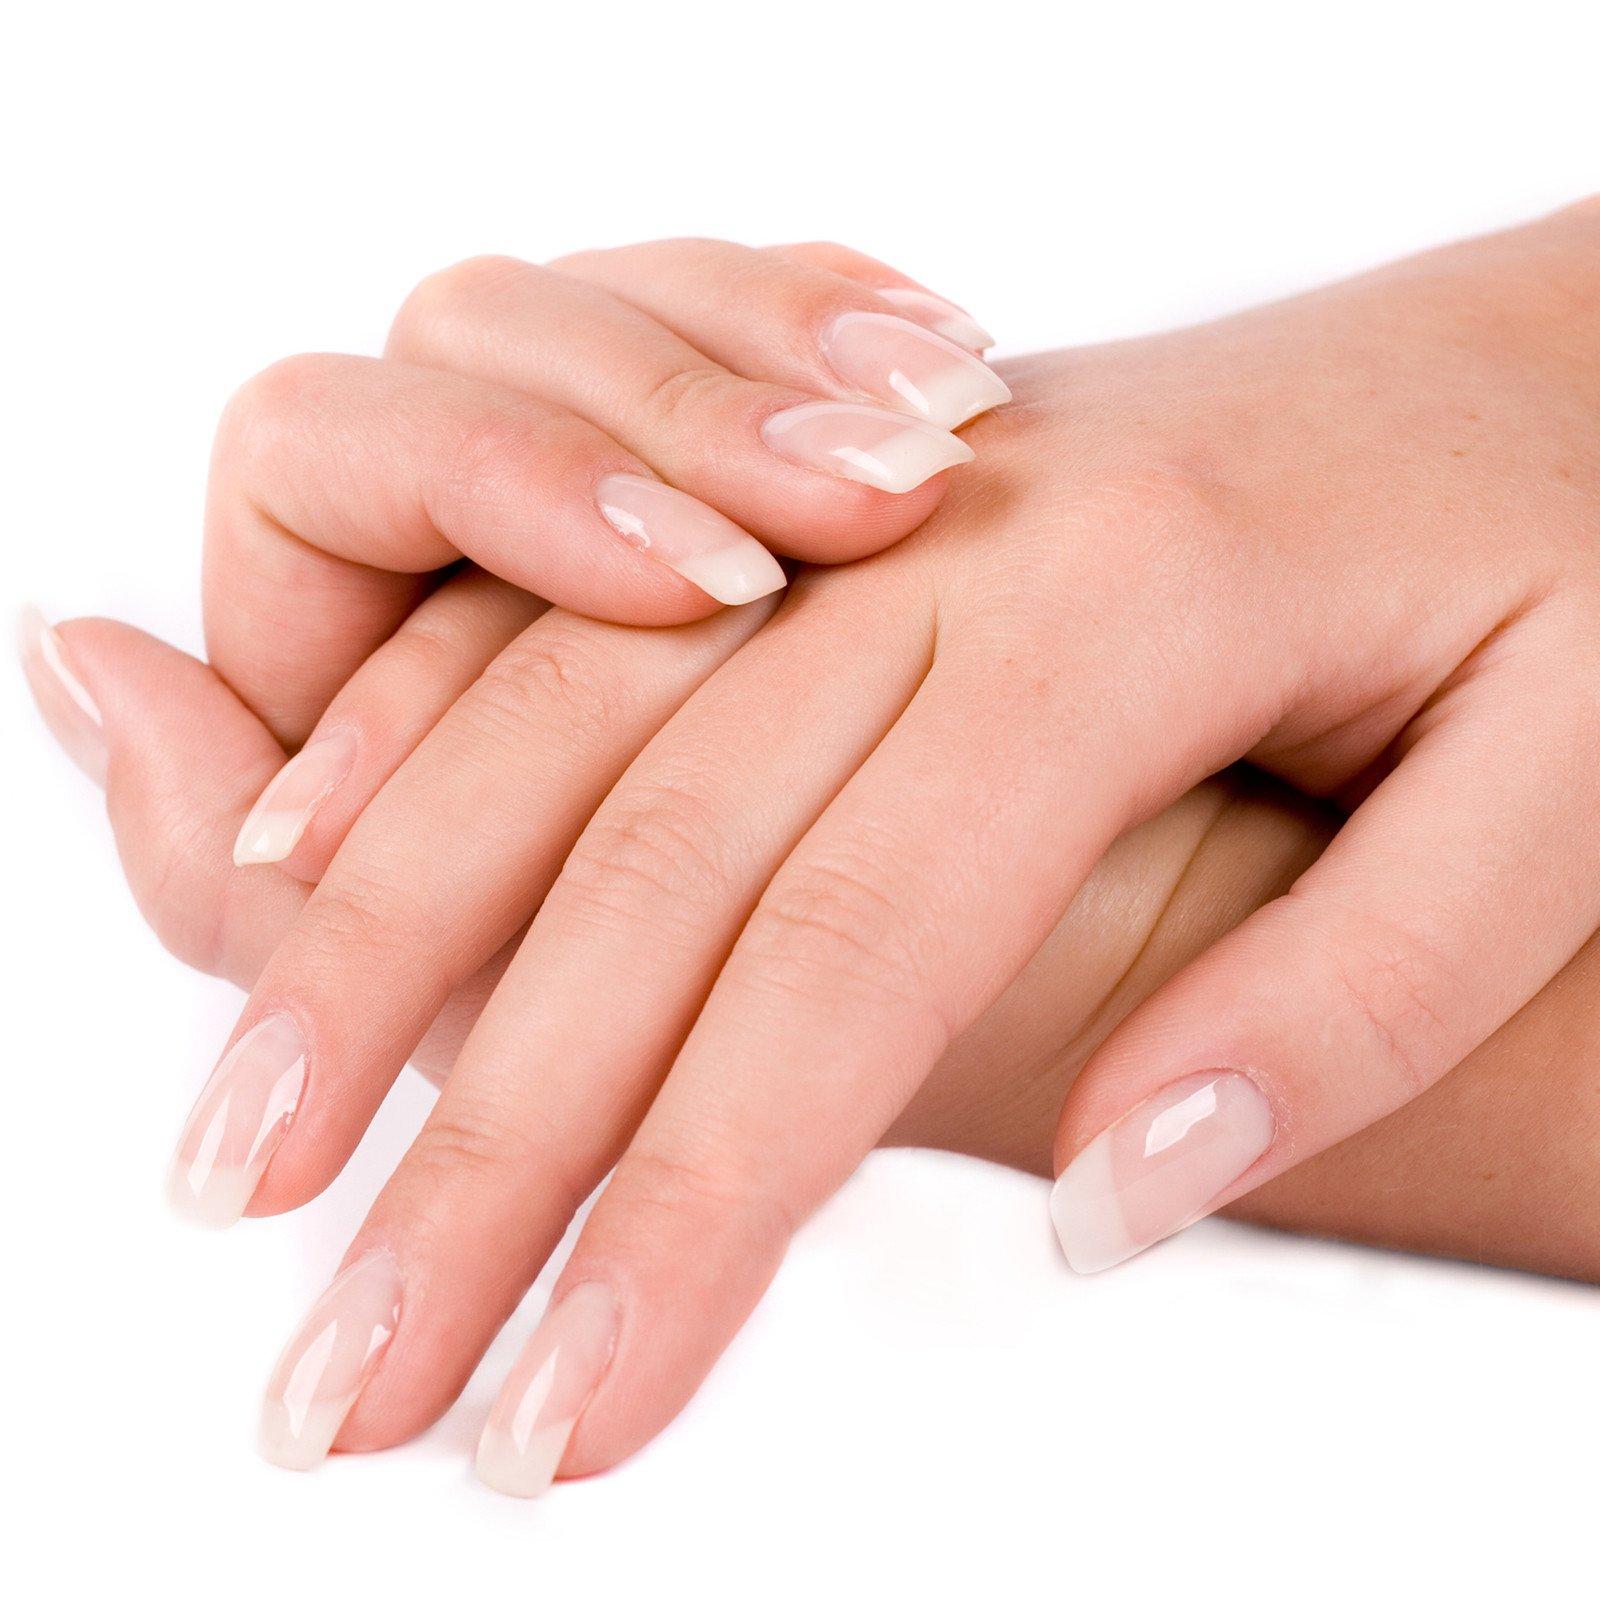 ماهي.. الفيتامينات و الزيوت الهامة لصحة الأظافر